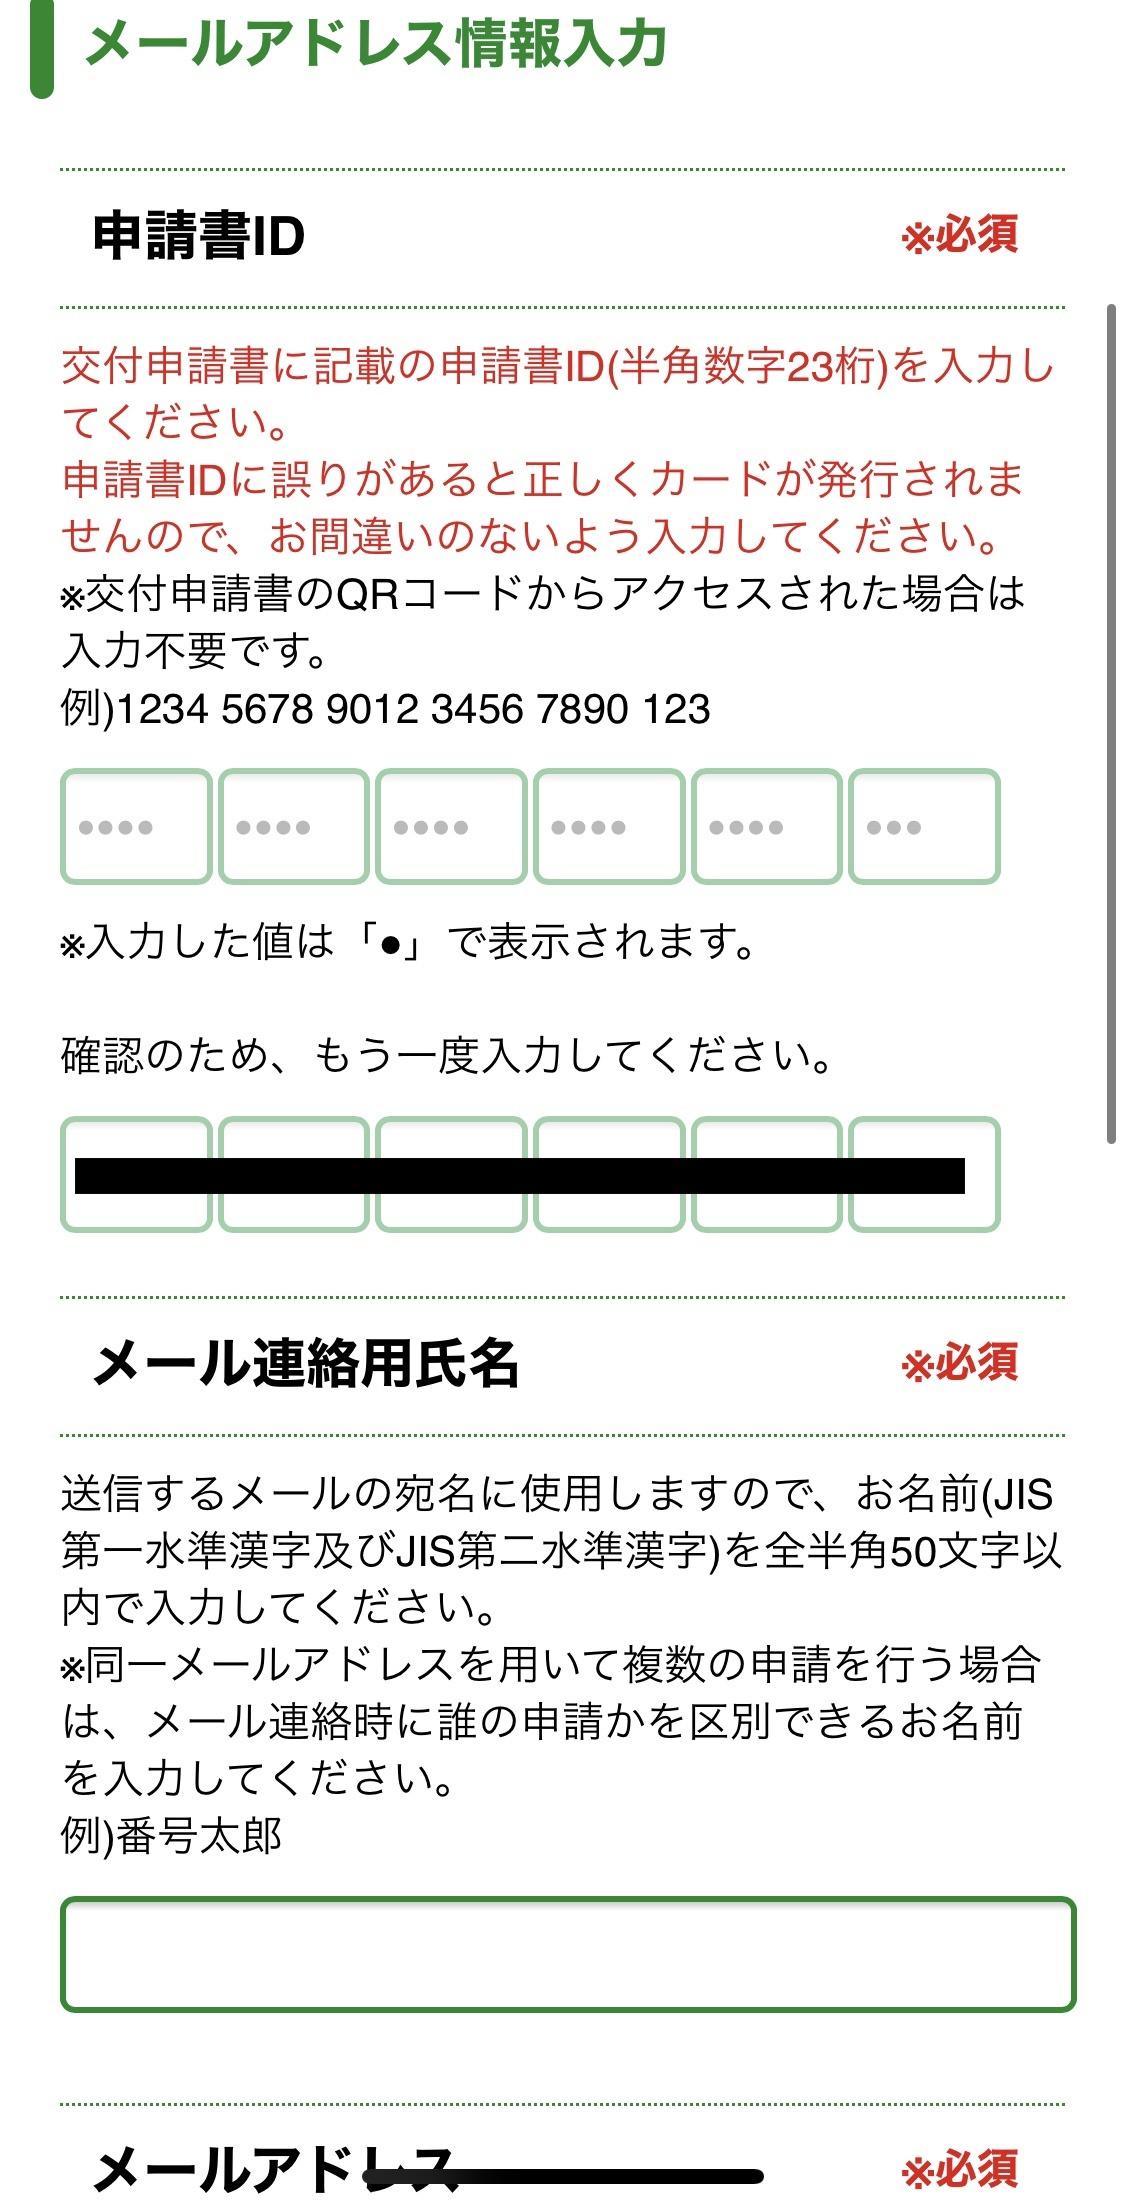 マイナンバー申請書ID